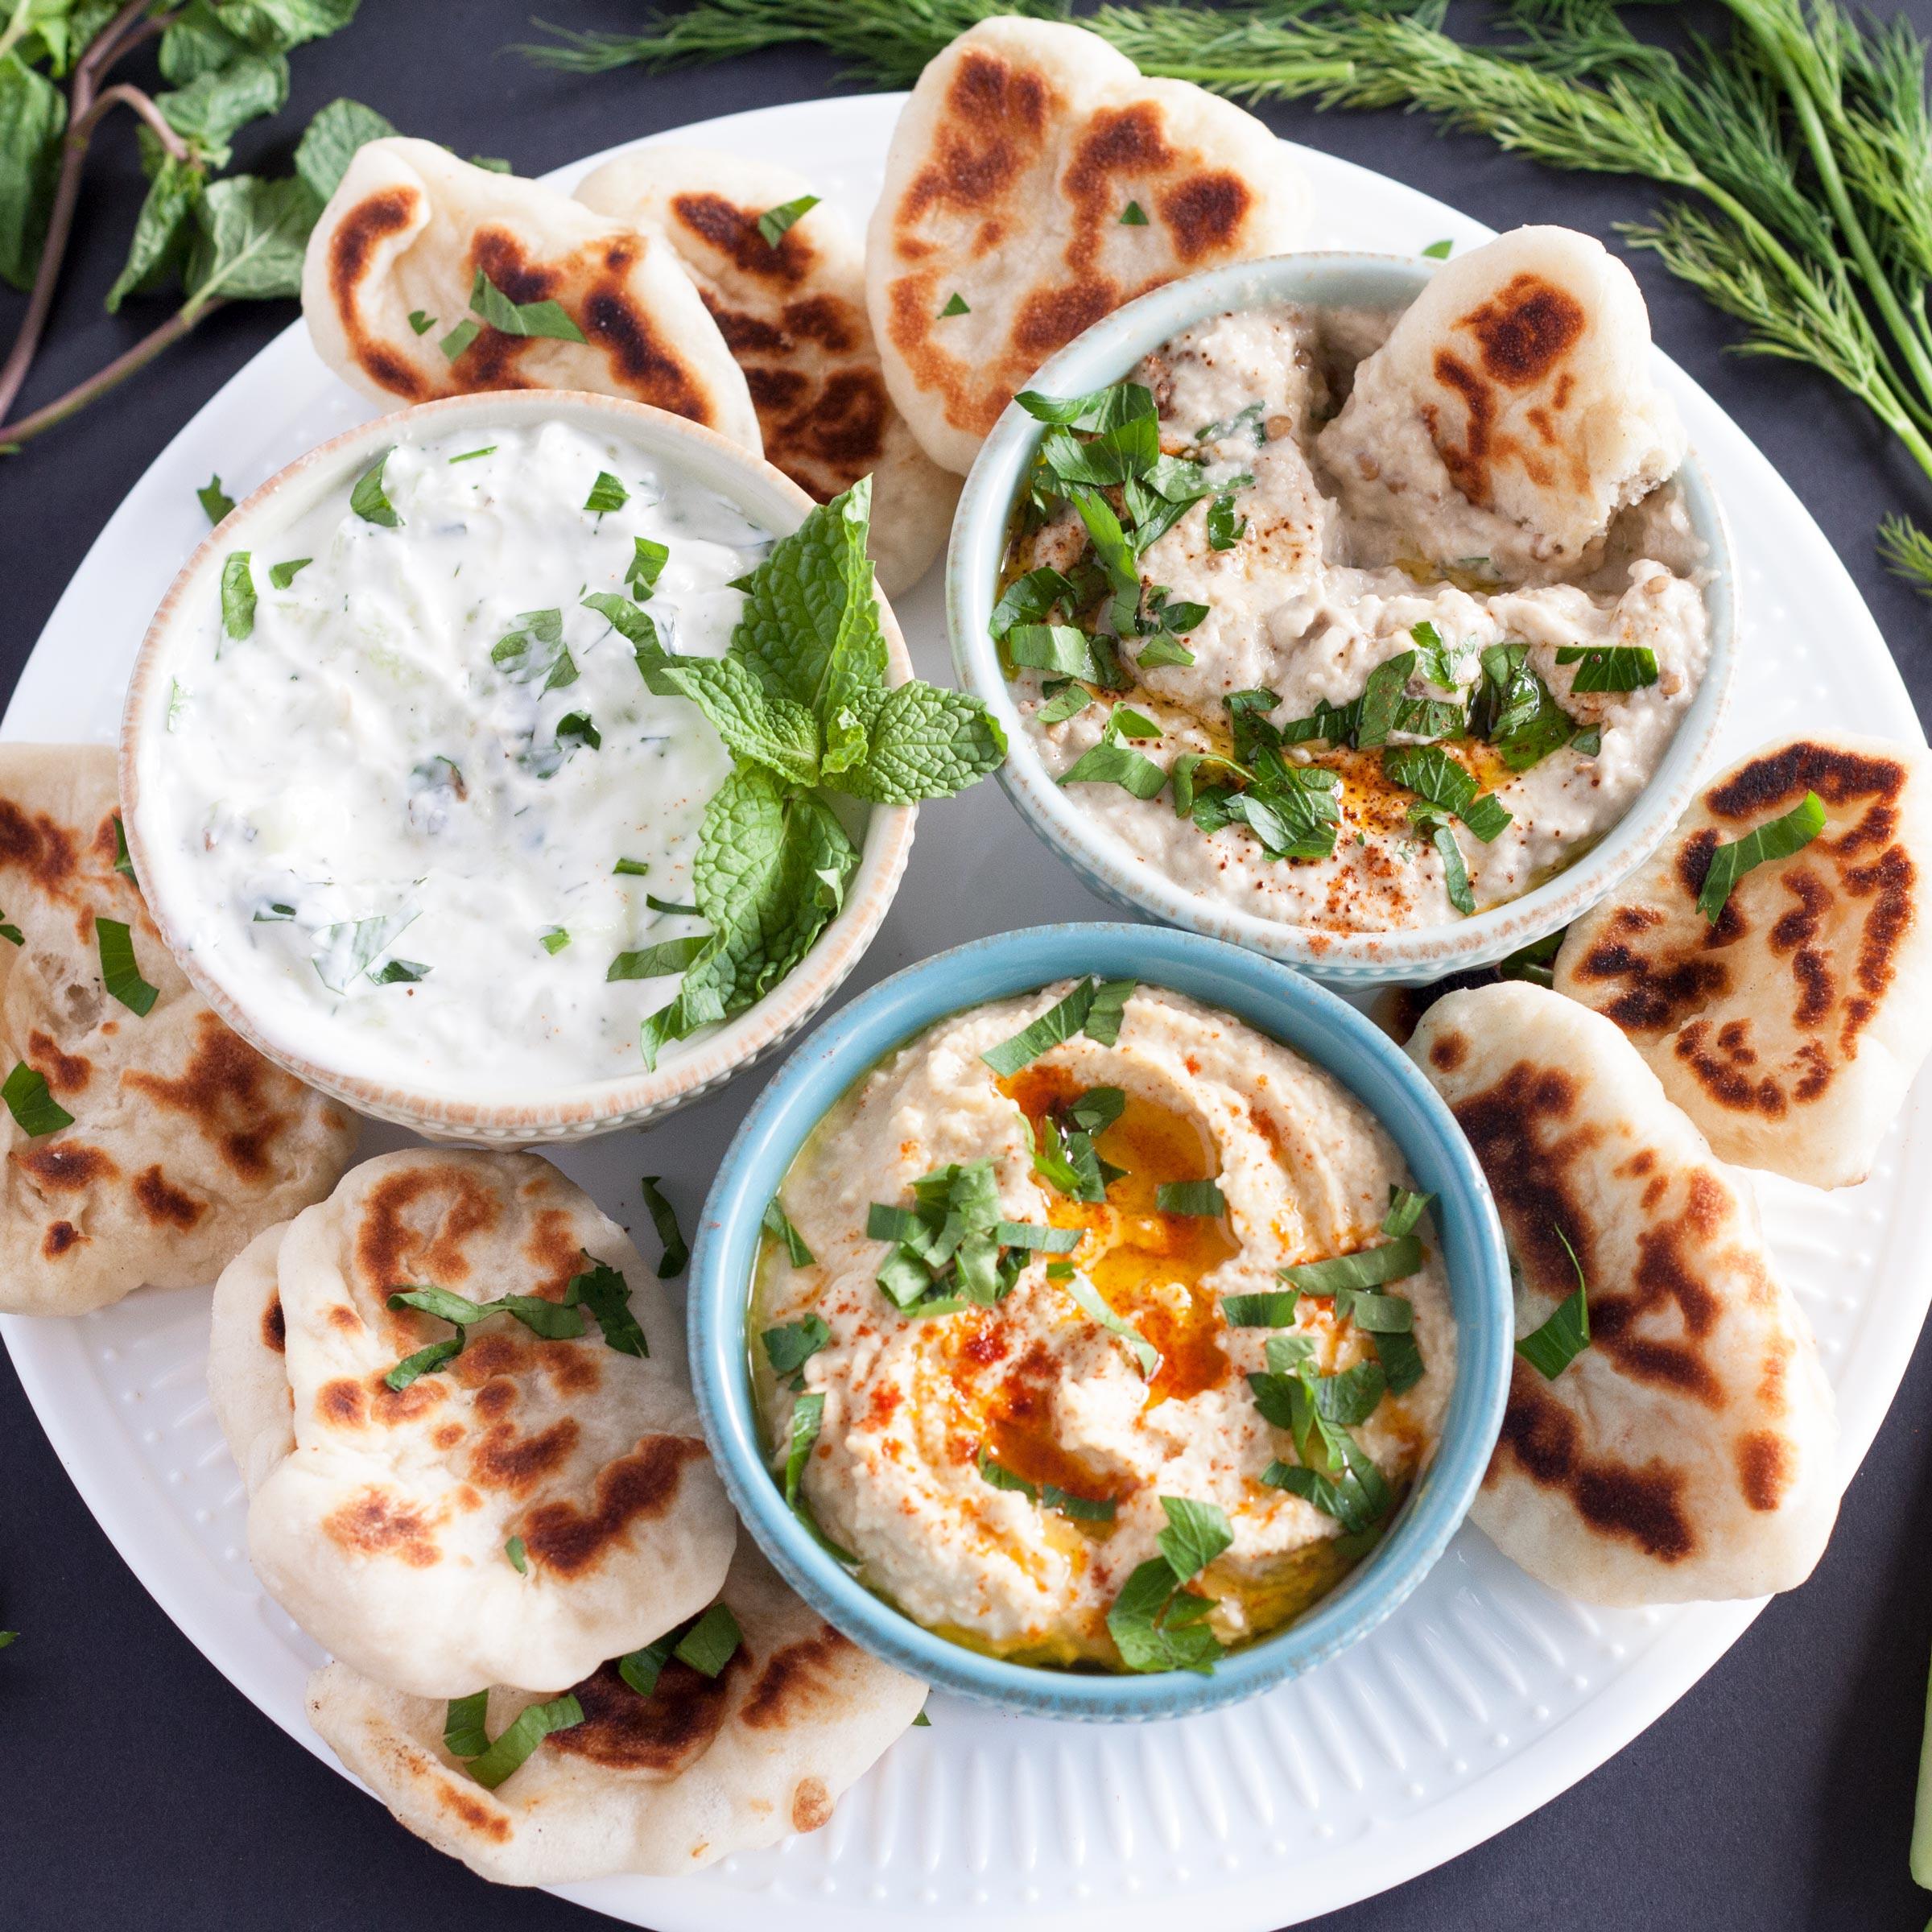 A Mezze Platter consists of Hummus, Baba Ganoush, Tzatziki, and Naan Dippers